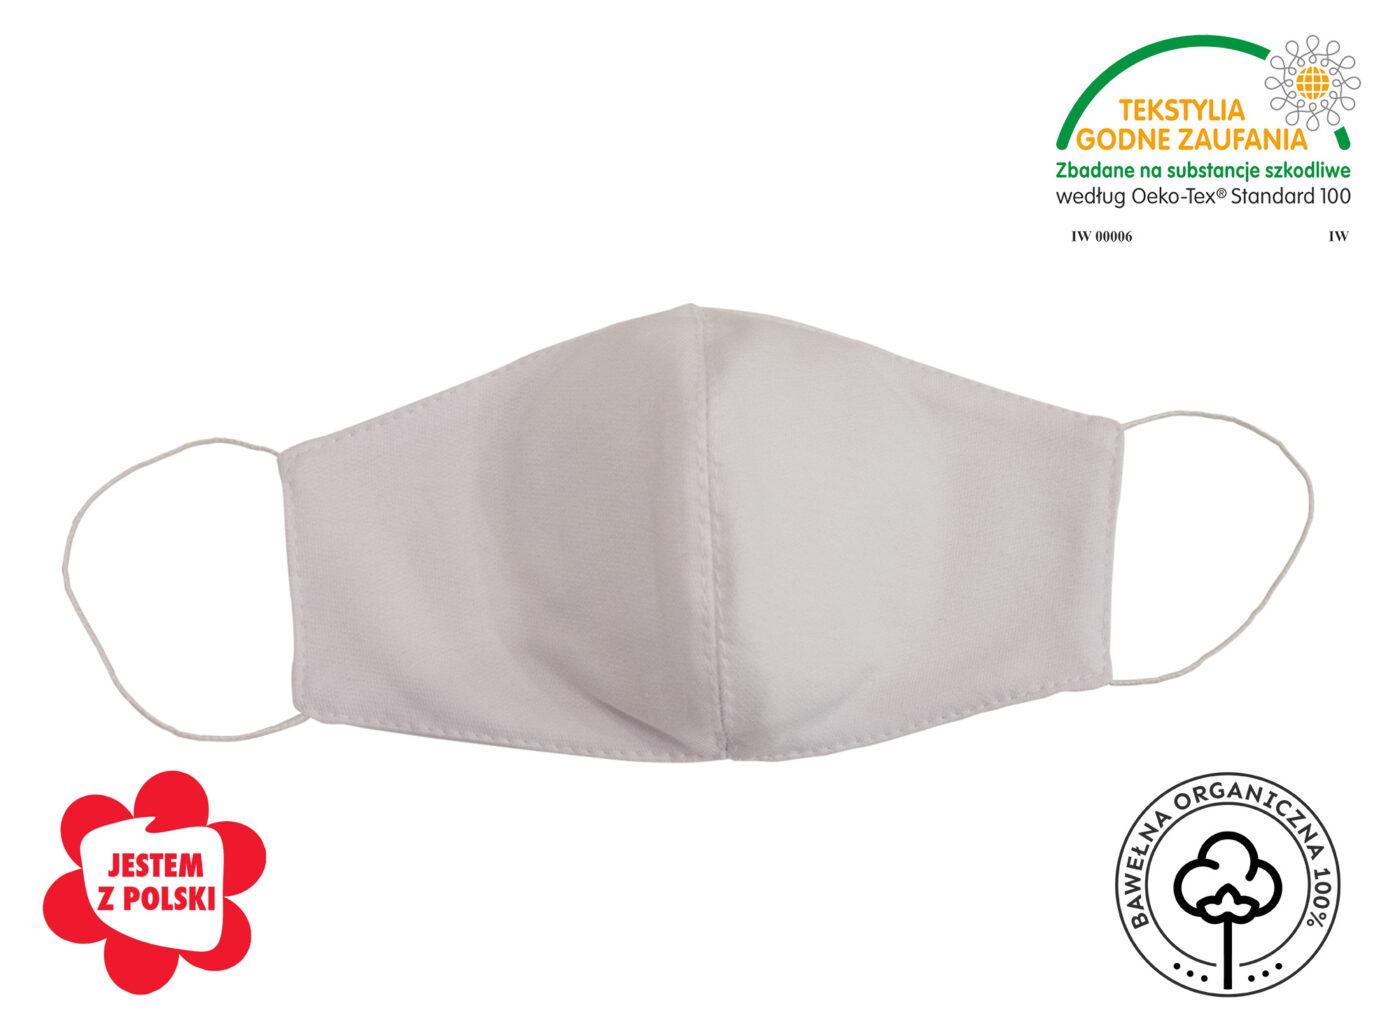 Maseczka ochronna wielorazowa dwuwarstwowa – SIMPLE PLUS – BAWEŁNA ORGANICZNA 100 5 1400x1022 - Maseczka ochronna 100% BAWEŁNA ORGANICZNA biała z wkładem - SIMPLE PLUS